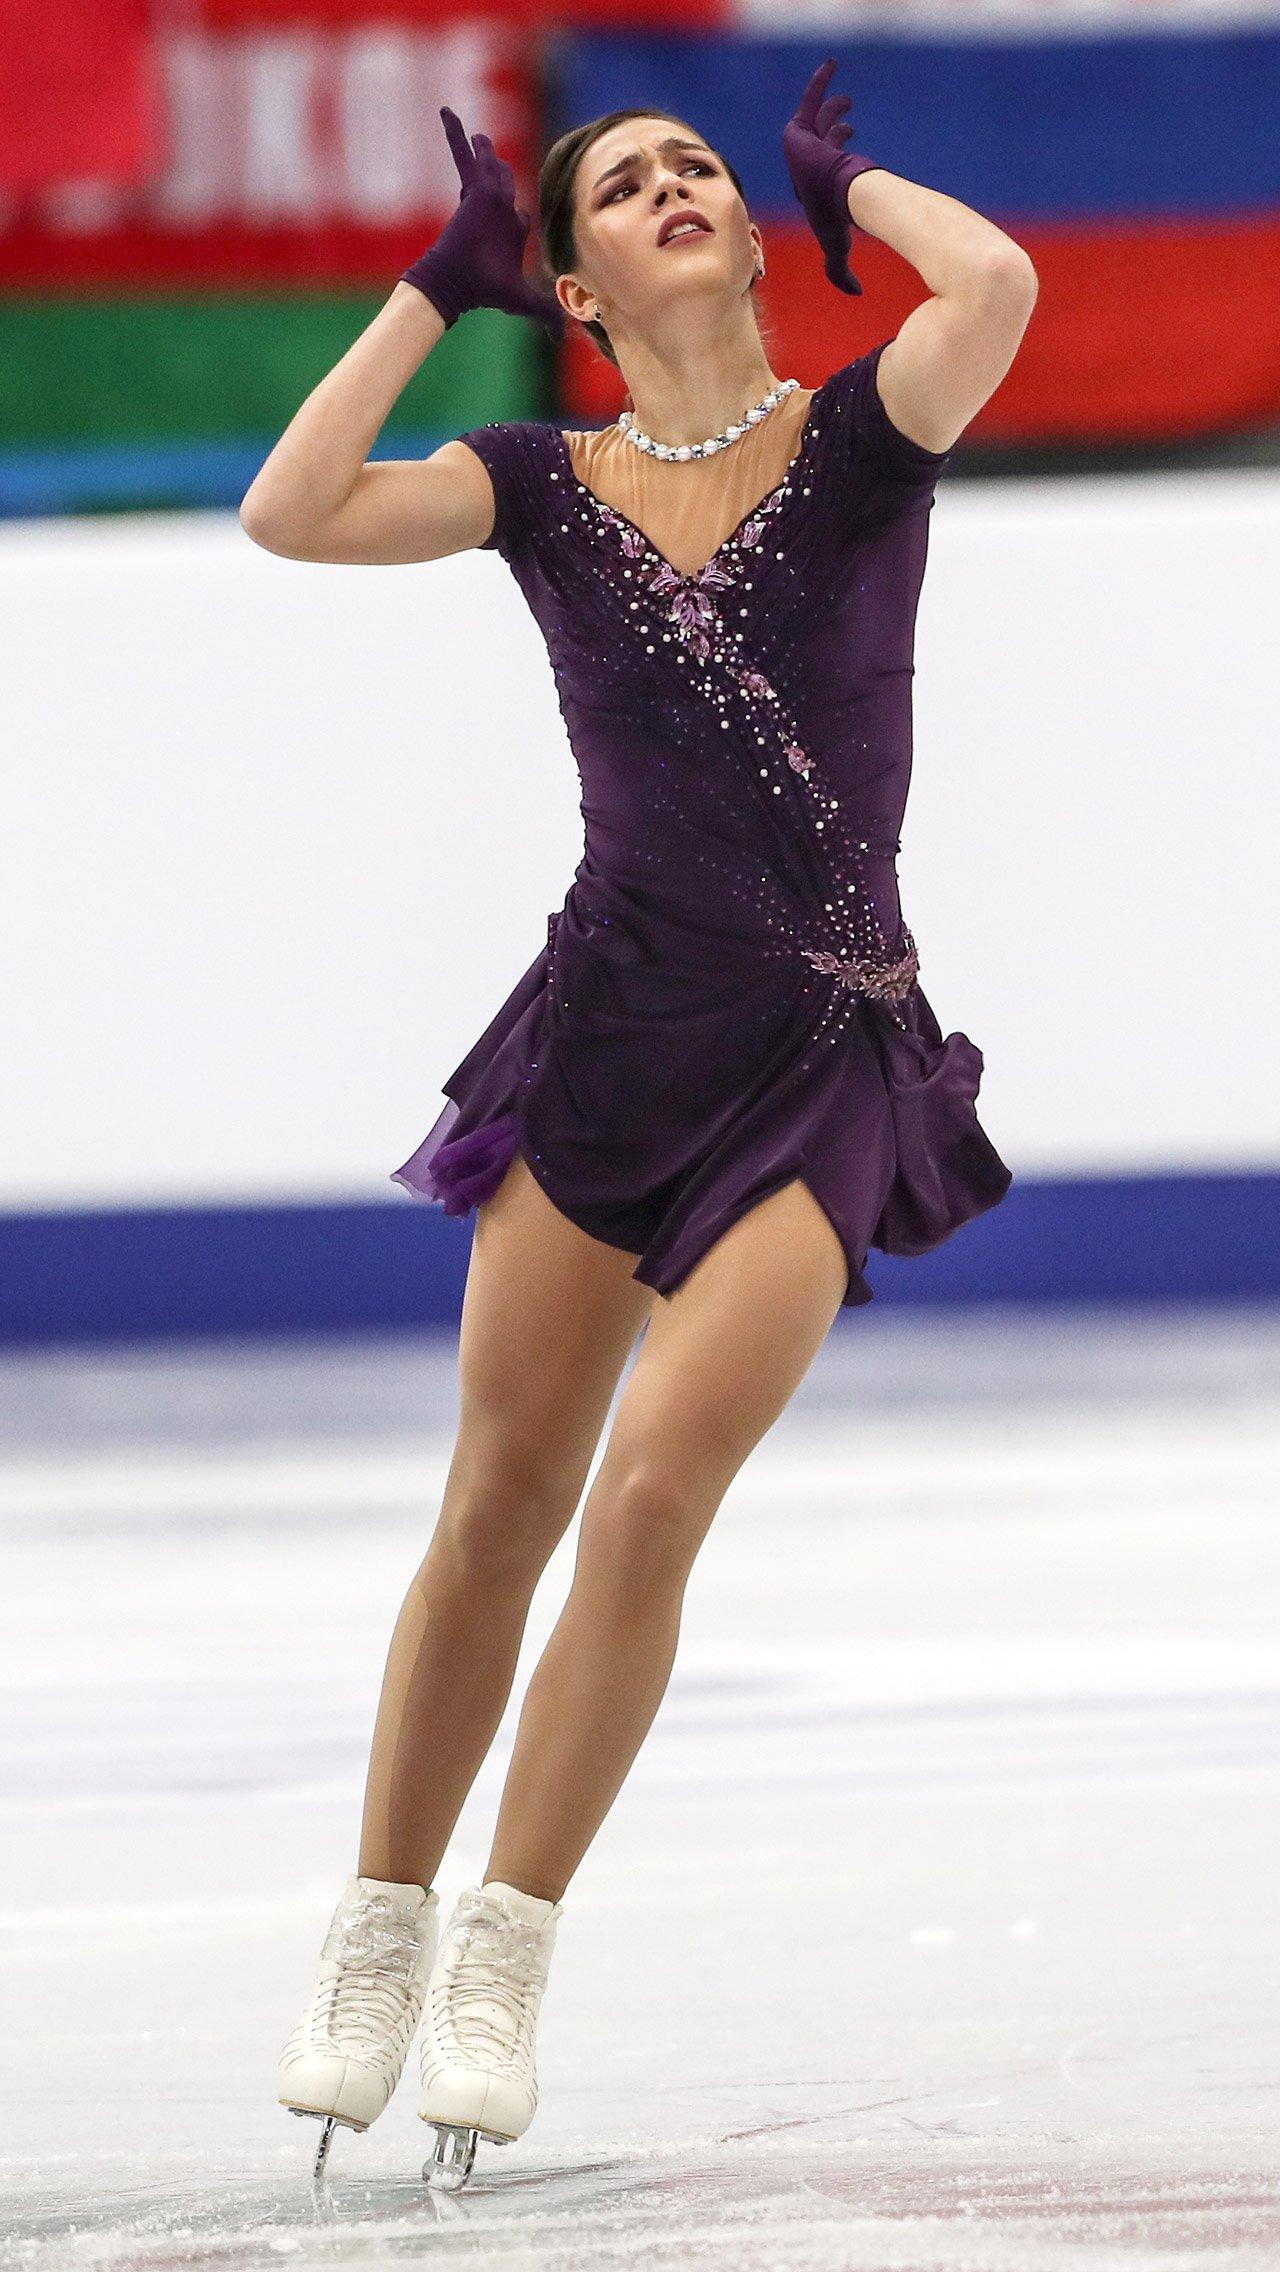 Менее сезона в «Ангелах Плющенко» продержалась Станислава Константинова. Участница чемпионатов мира и Европы не смогла реанимировать карьеру.